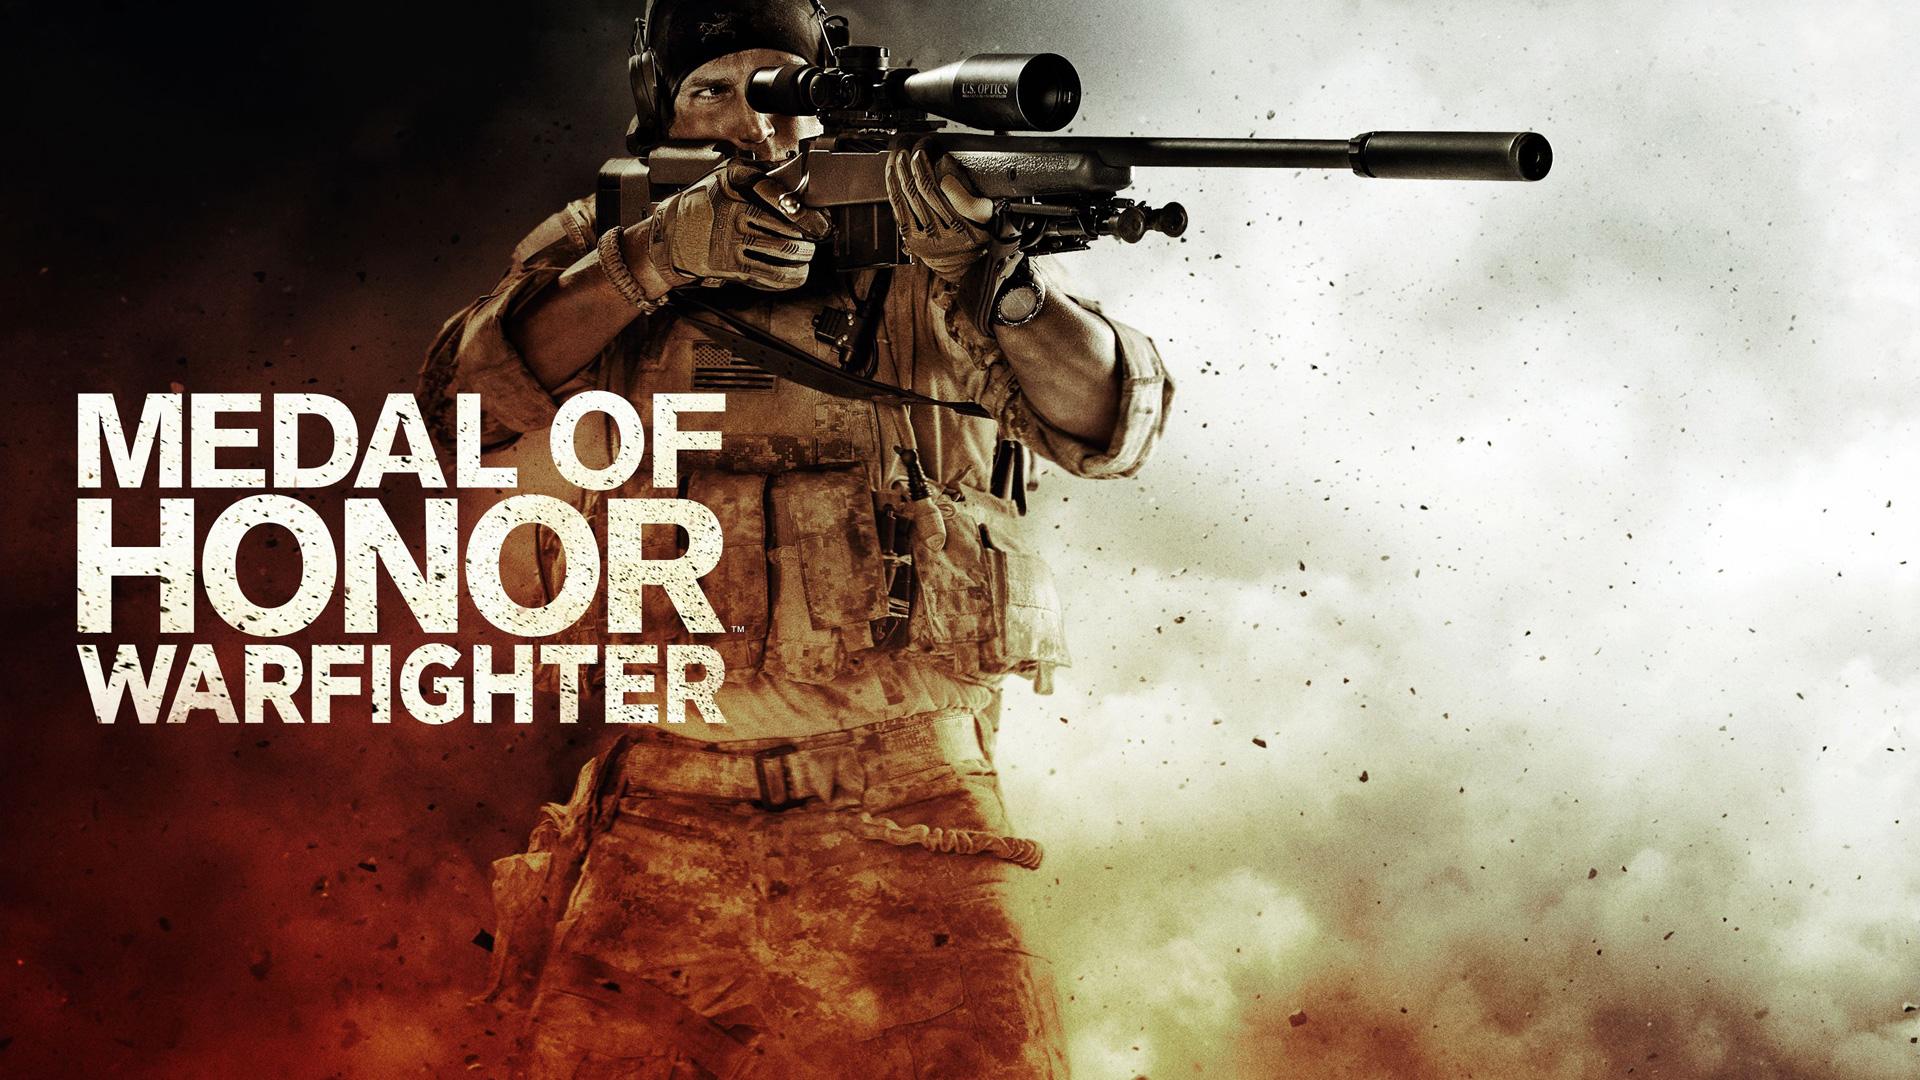 Medal Of Honor Warfighter Wallpaper 3 By Xkirbz On Deviantart